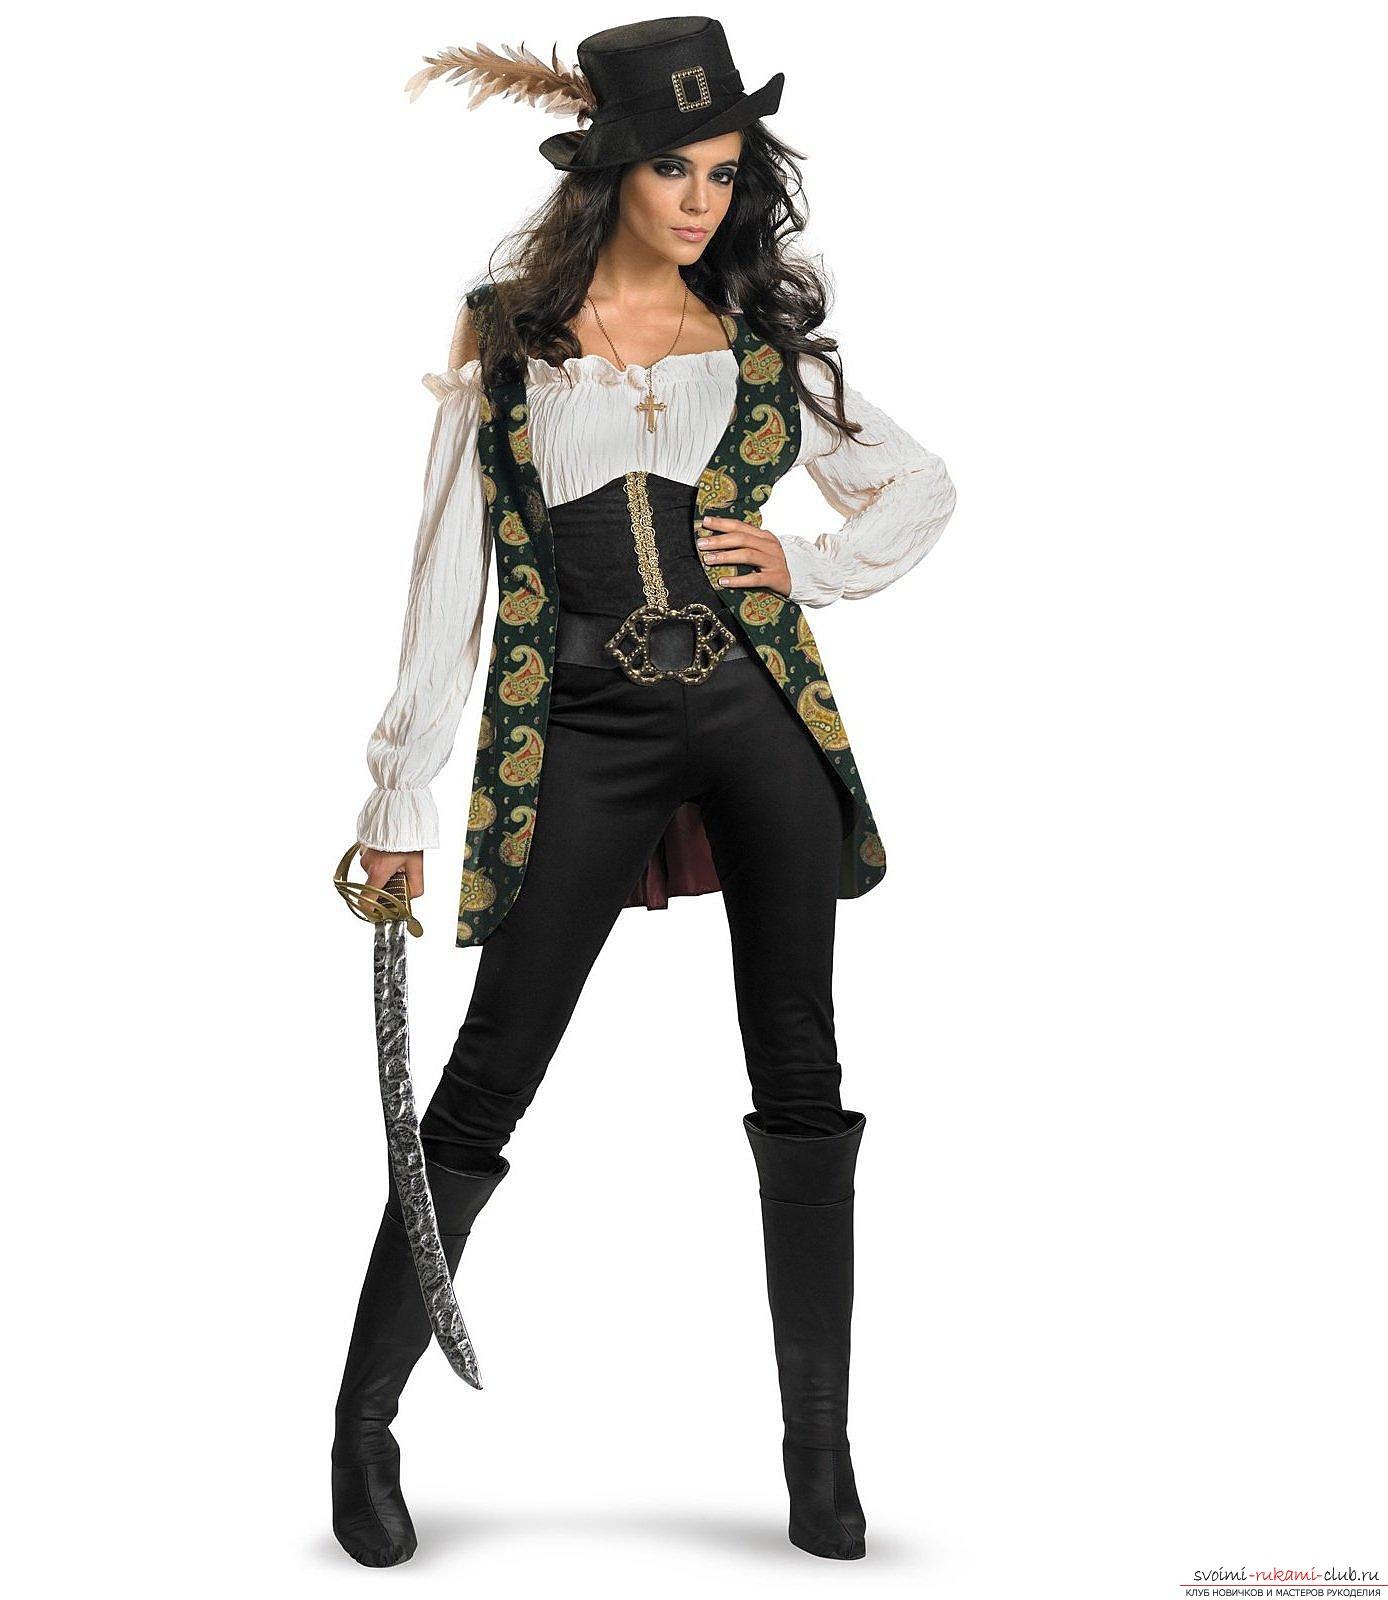 Костюм пиратки для девушки своими руками фото 598